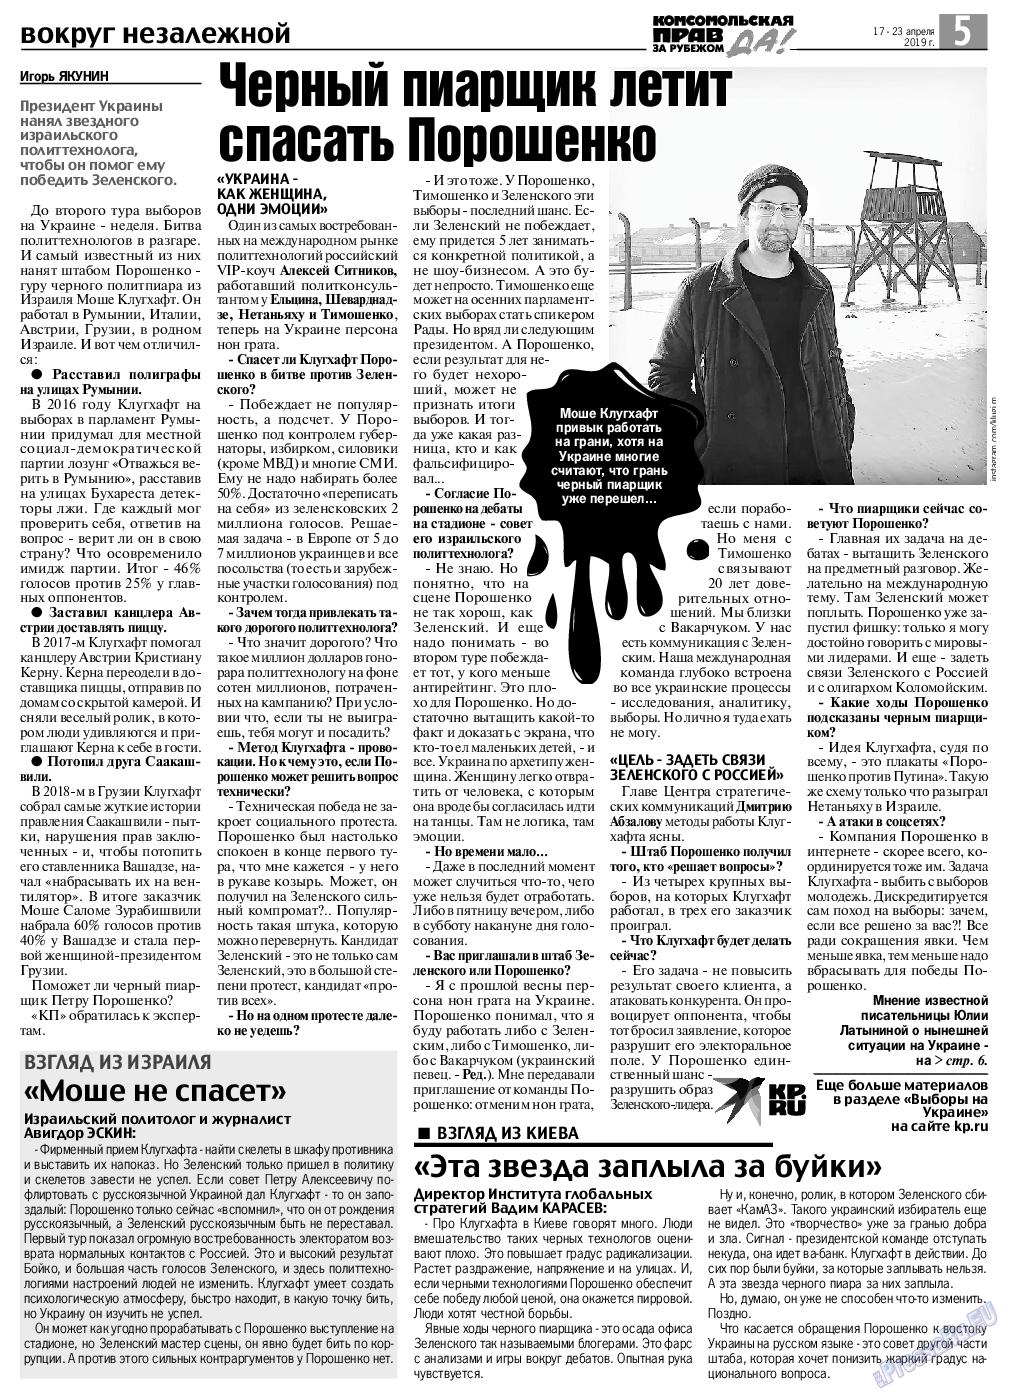 КП в Европе (газета). 2019 год, номер 16, стр. 5